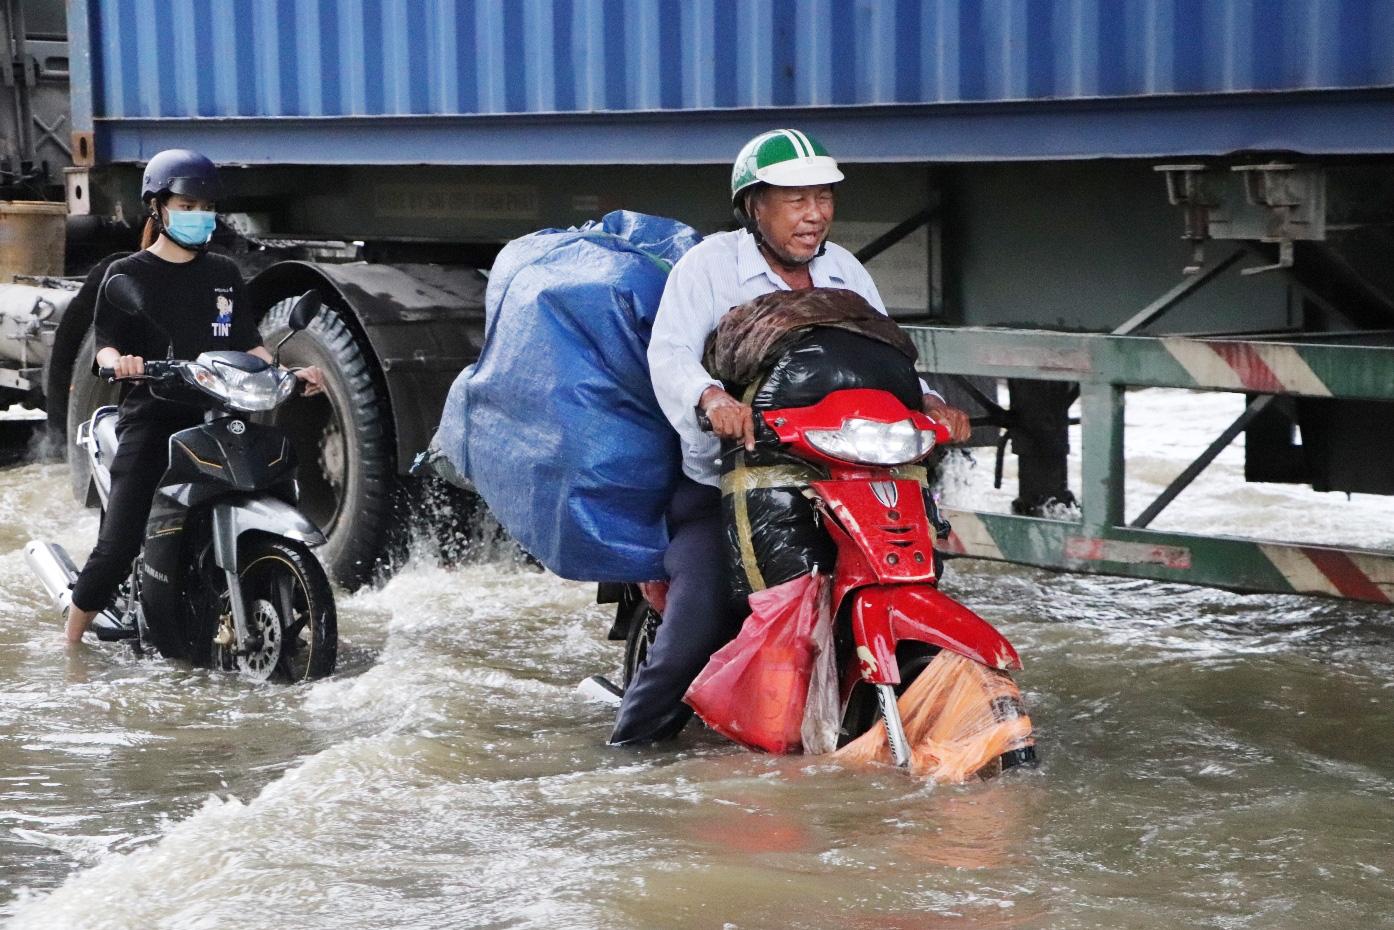 Hết dầm mưa liên tiếp, dân Sài Gòn lại khốn khổ vì triều cường đạt đỉnh, bì bõm dắt xe qua đường ngập - Ảnh 12.